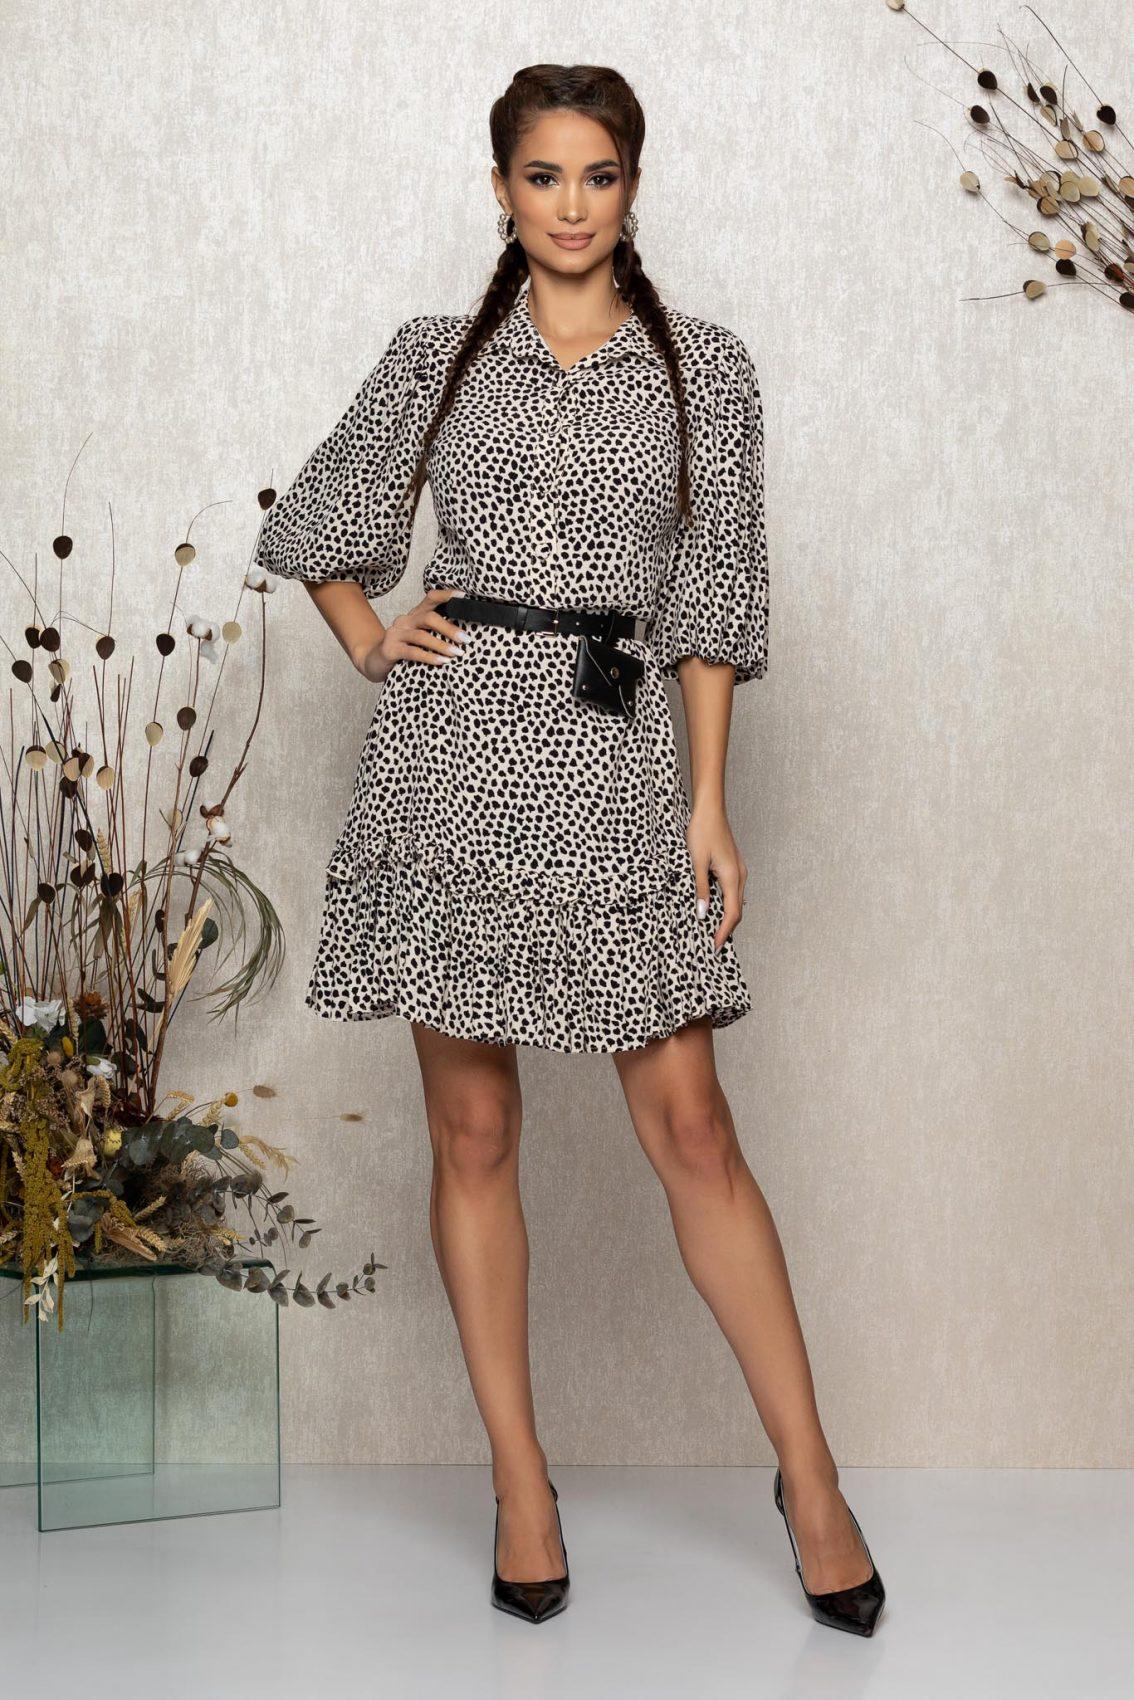 Μπεζ Animal Print Φόρεμα Debbie T347 1